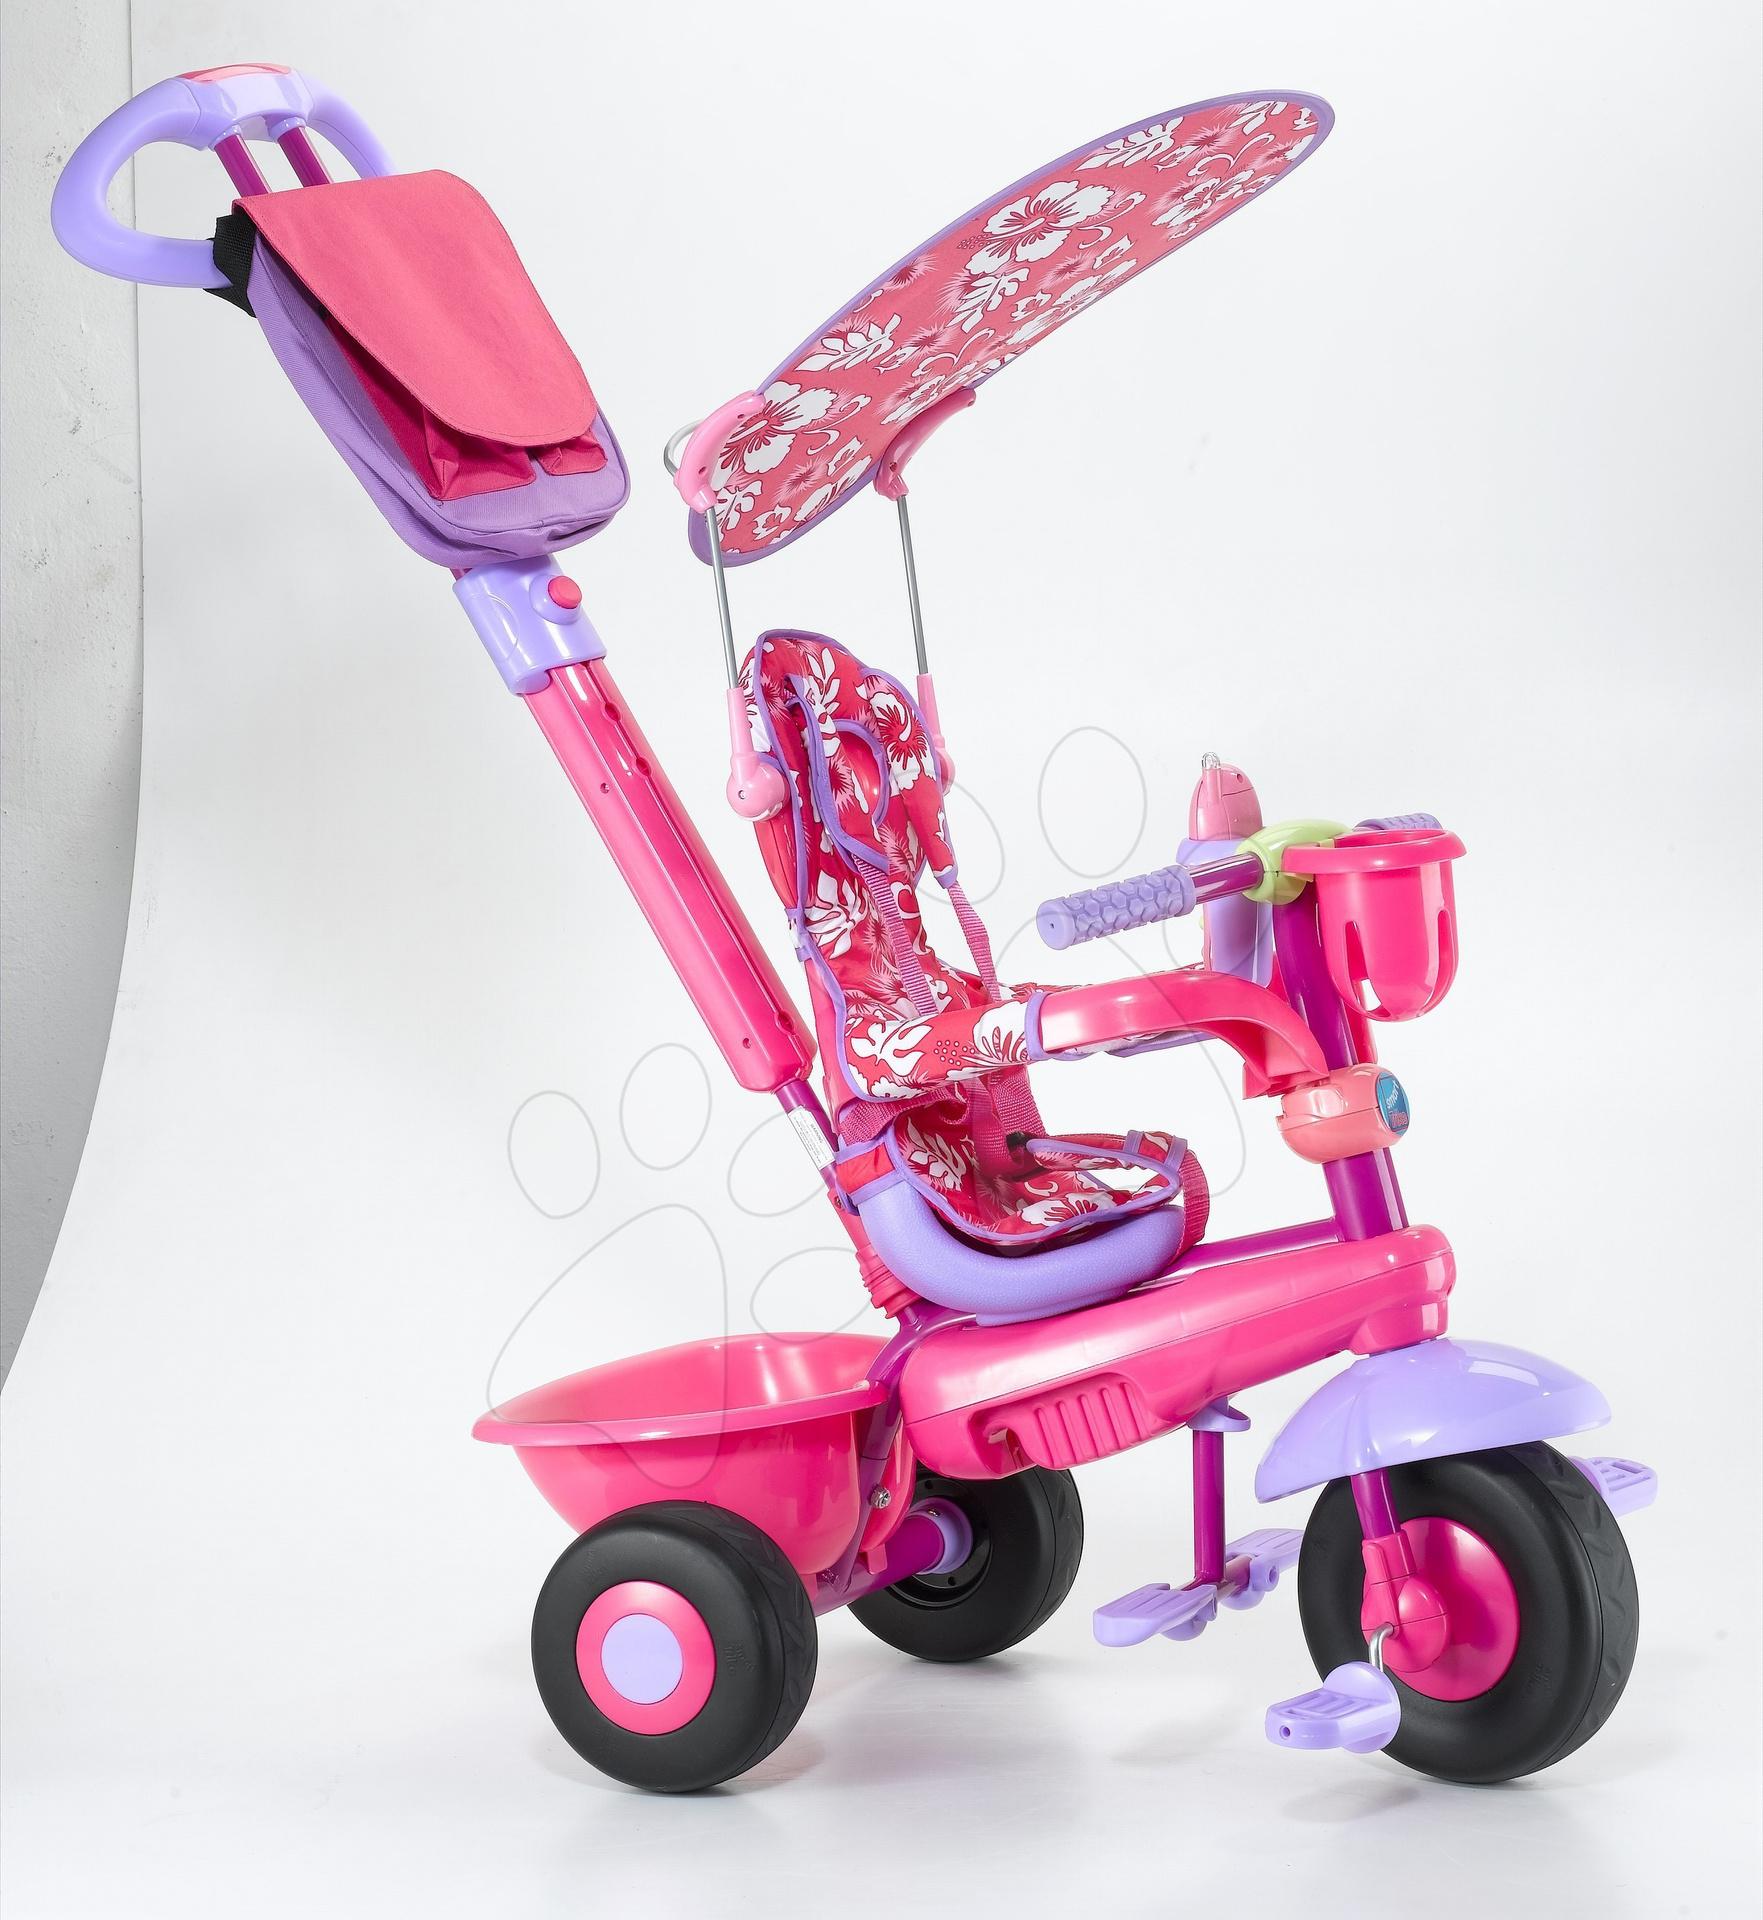 Tricicletă Leonardo smarTrike roz